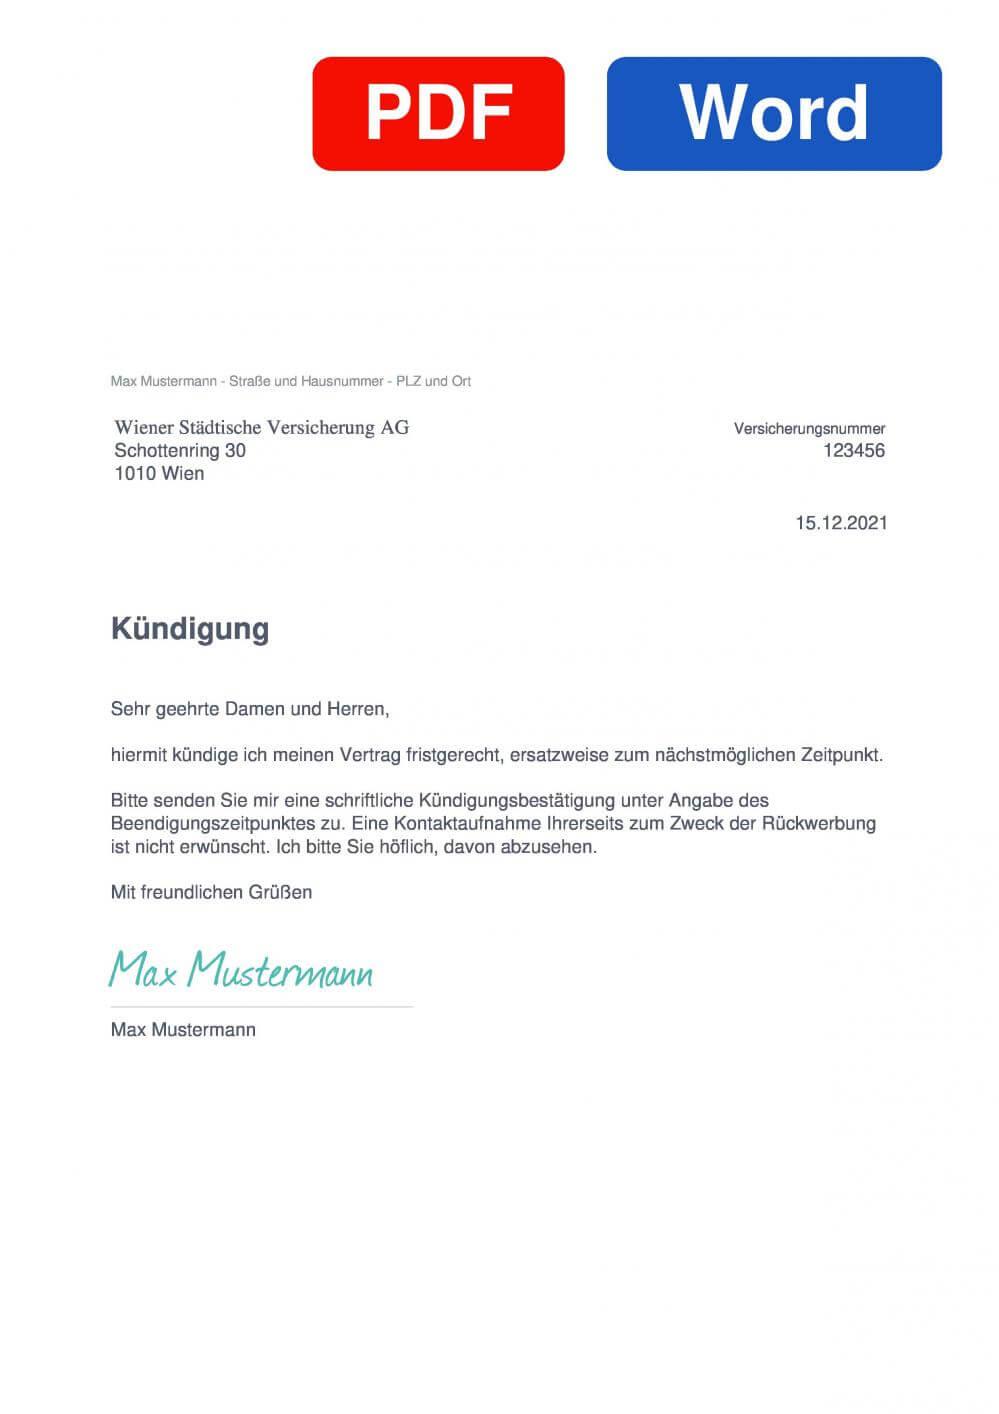 Wiener Städtische Muster Vorlage für Kündigungsschreiben